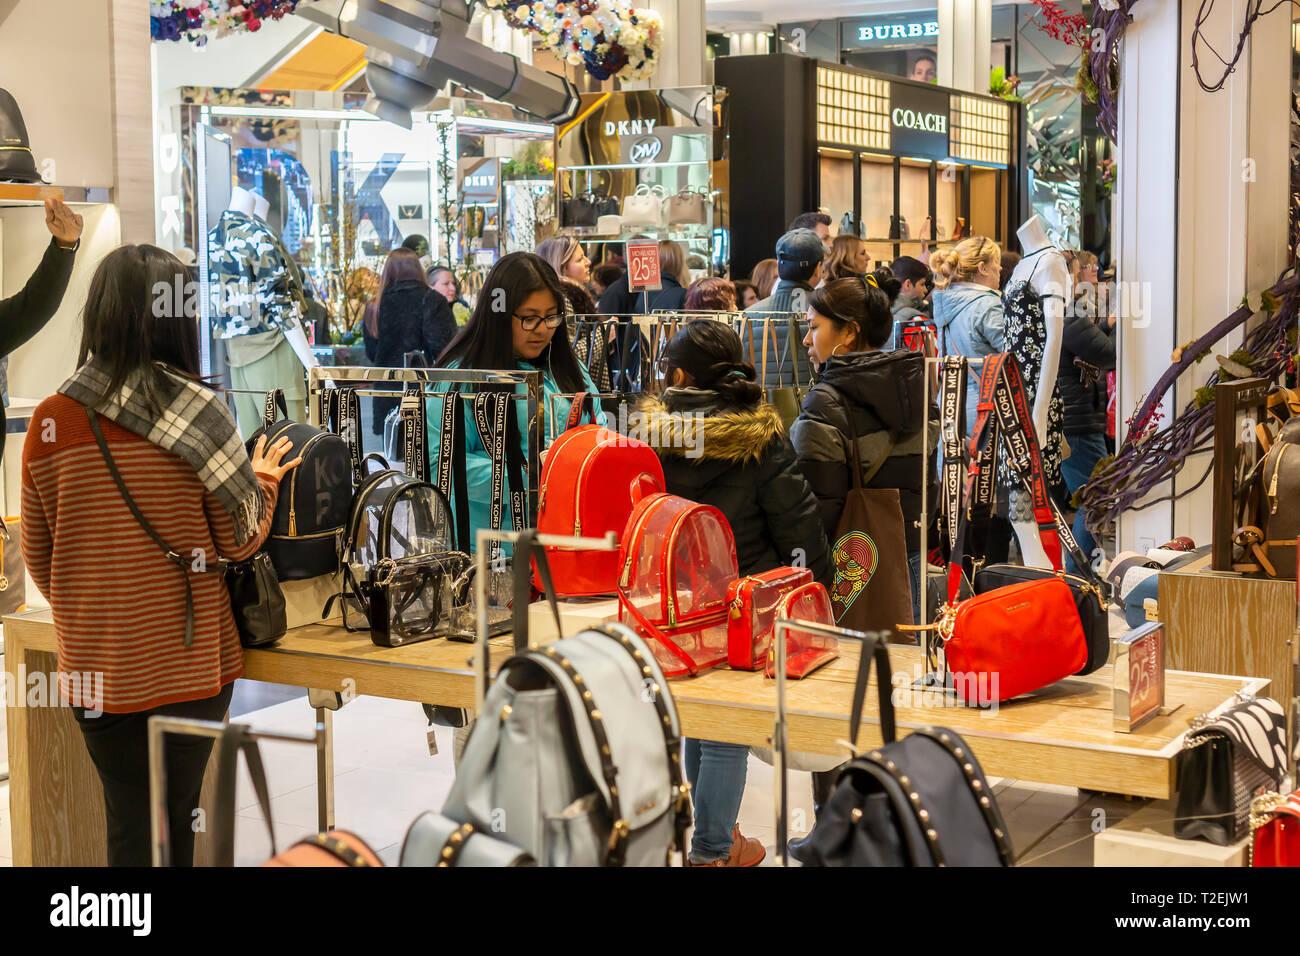 1d080e44ee Michael Kors borsette in Macy's Herald Square department store di New York  di Domenica, 24